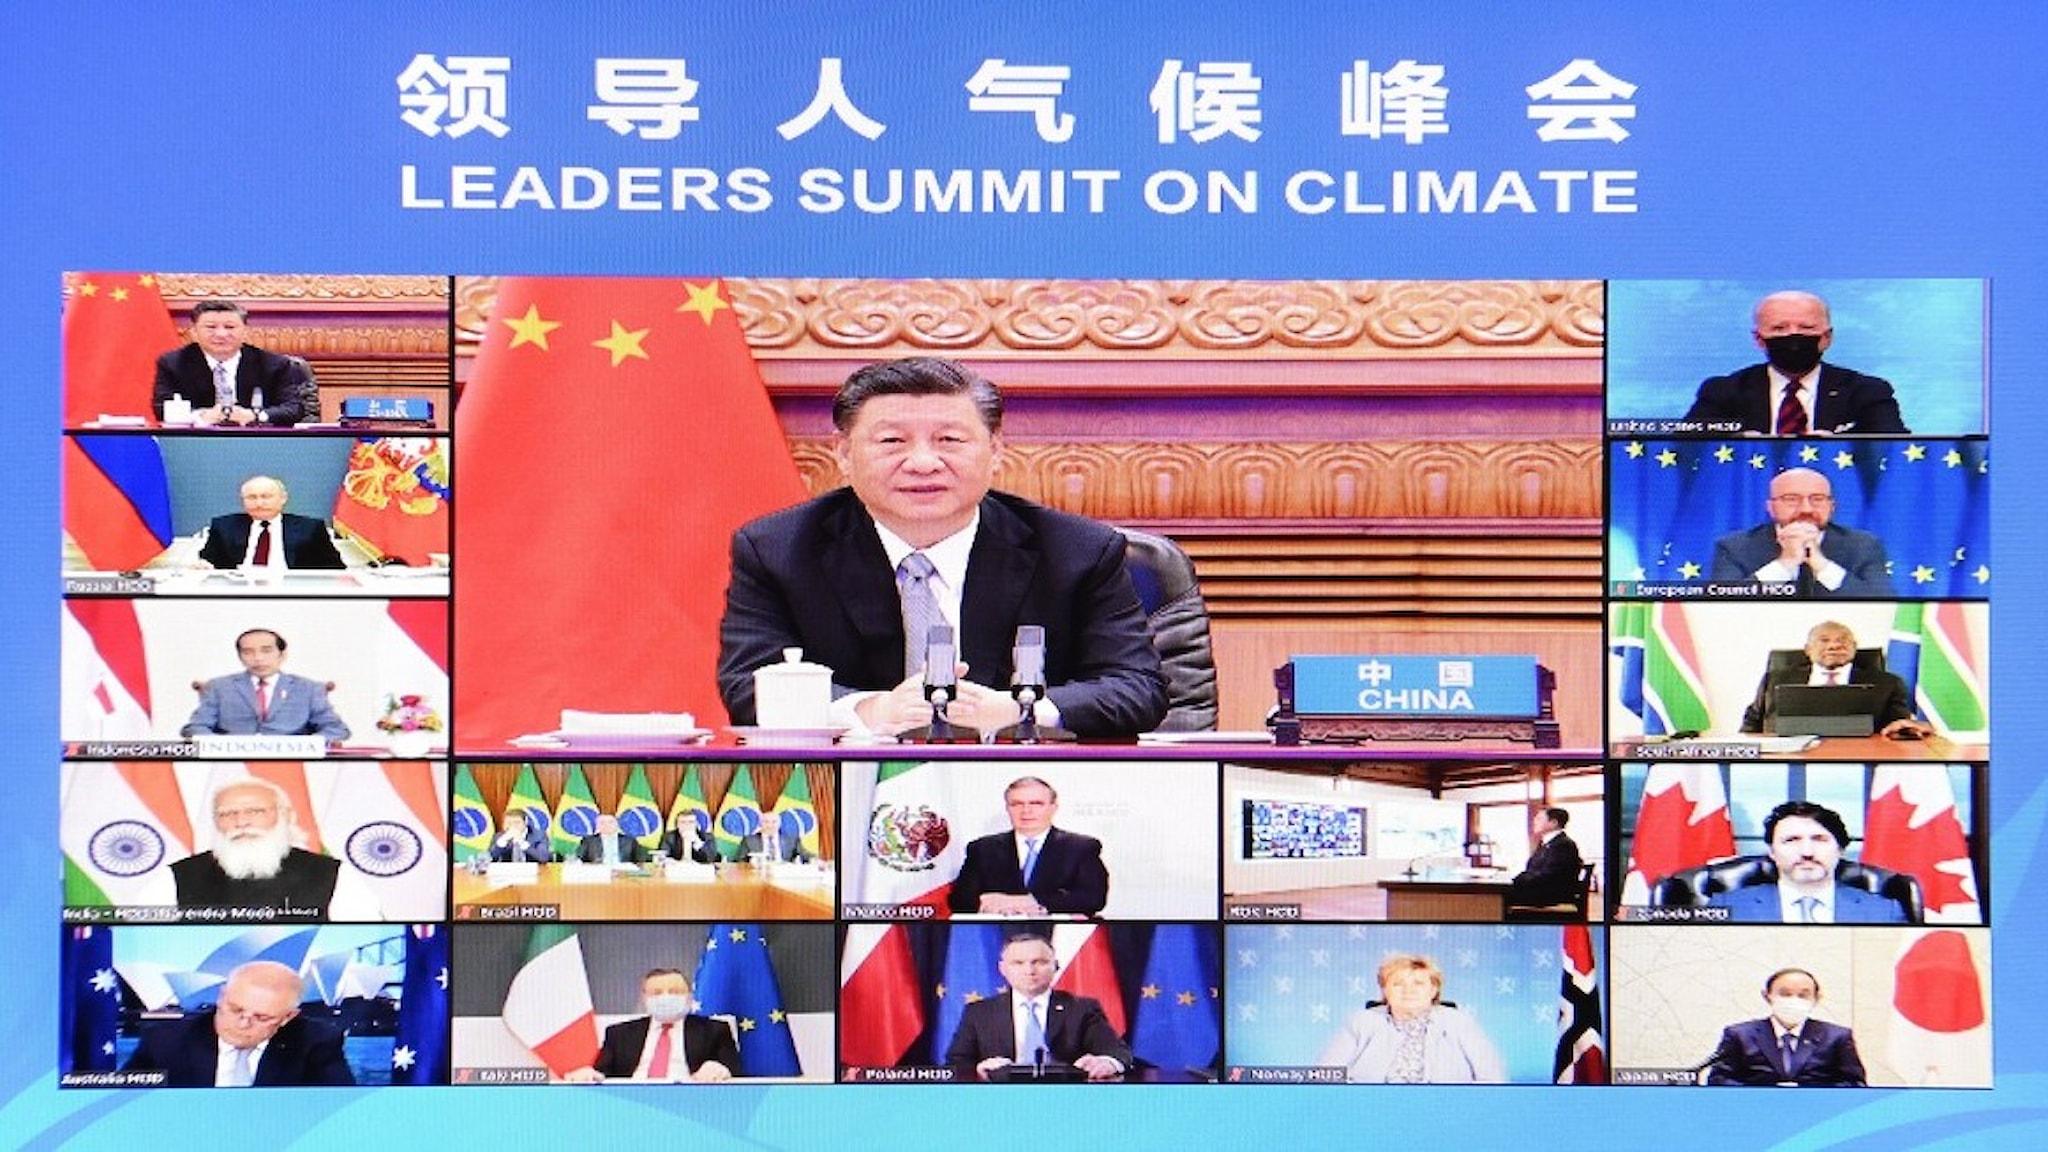 En dataskärm med världsledare som deltar i ett stor digitalt möte